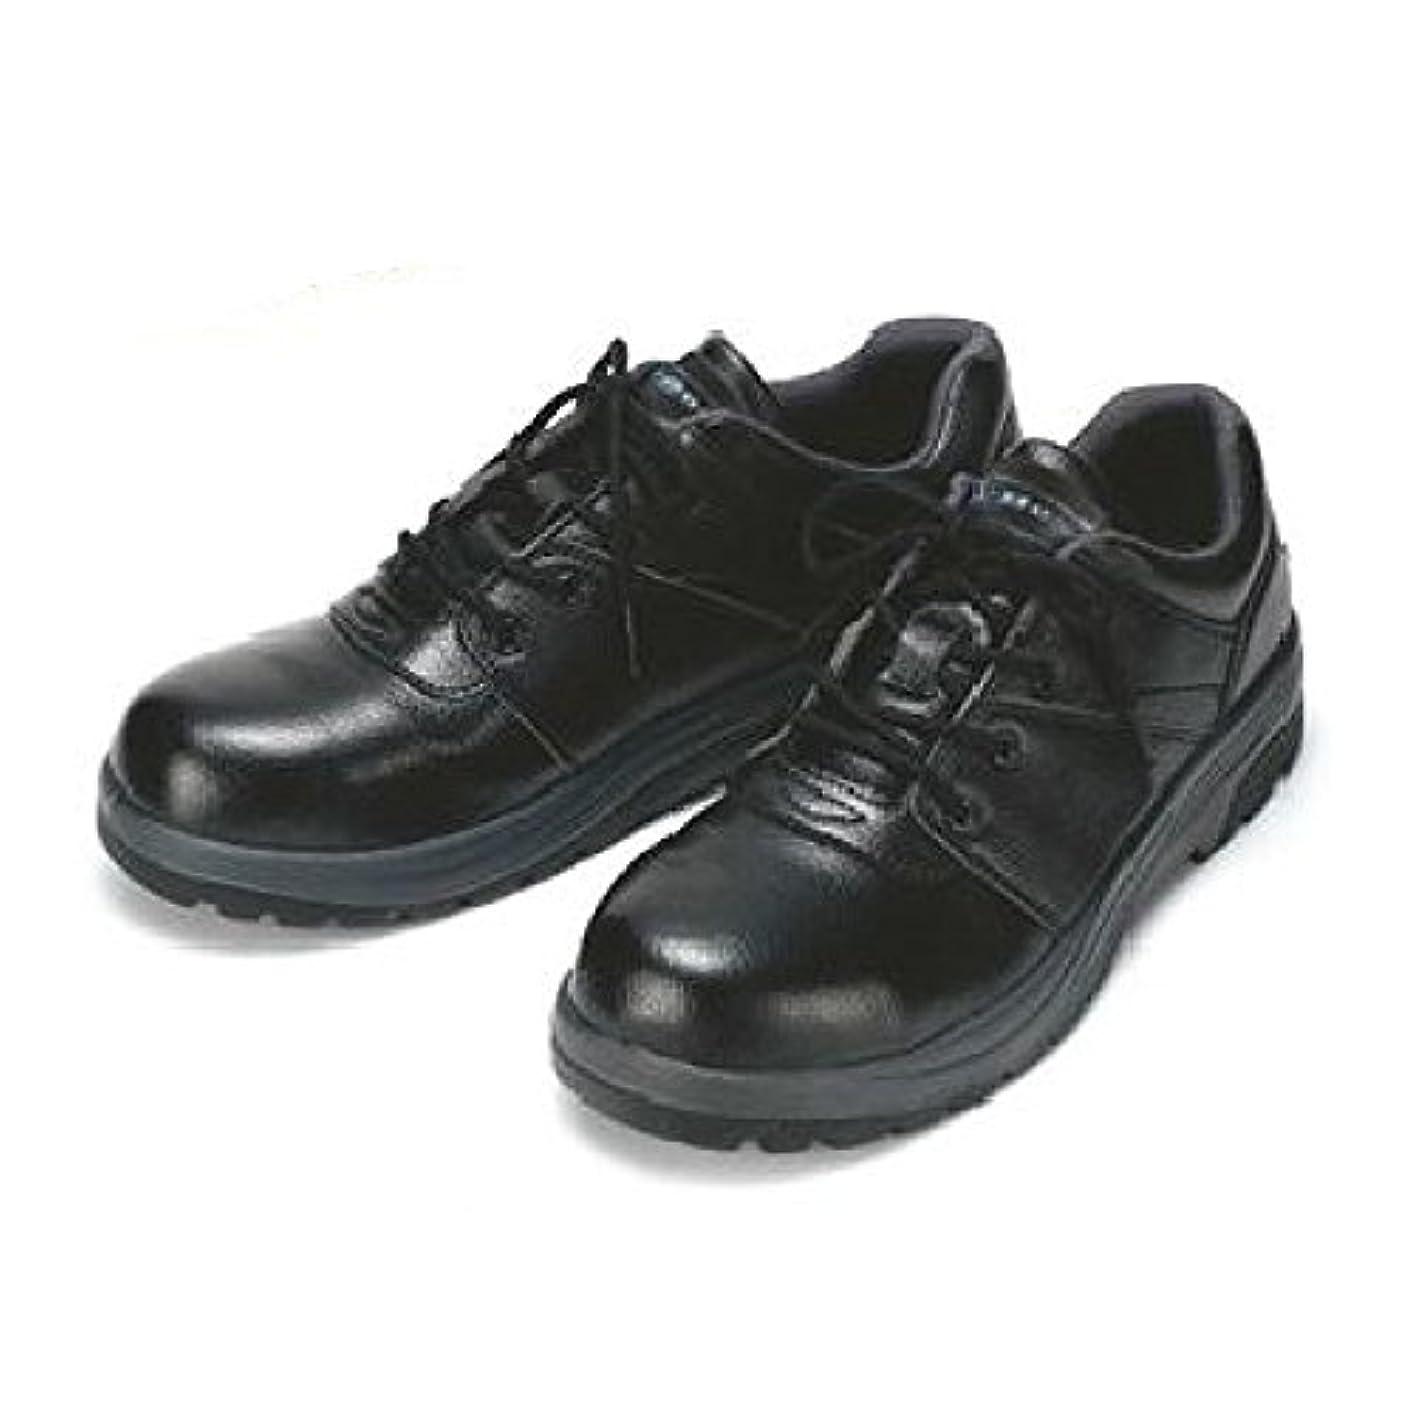 マーケティング憂鬱サスペンション[ベスト] S100 短靴(反射付) 紐式